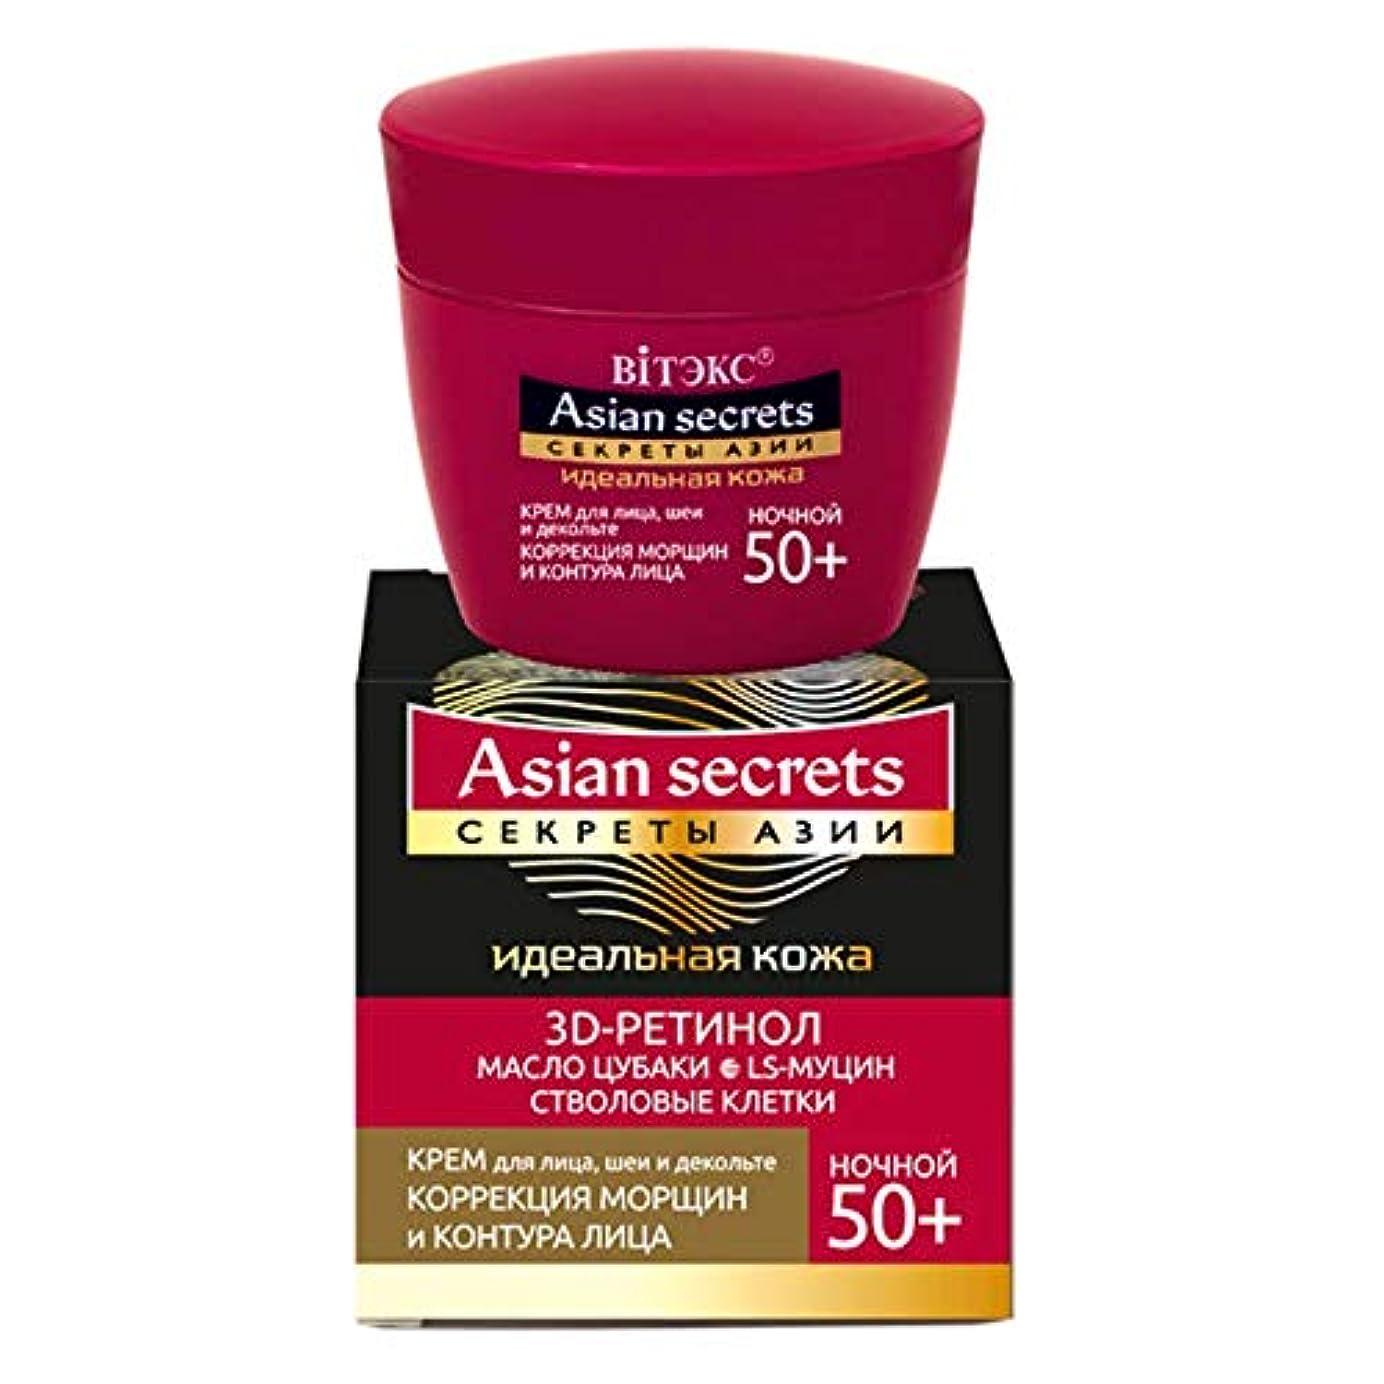 描く残り物思慮のないBielita & Vitex   Asian seсrets   Night Cream for face, neck and decollete   Wrinkles Correction and face contour   50+   3D retinol   TsUBAK OIL   STEM CELLS   LS-MUCIN   45 ml